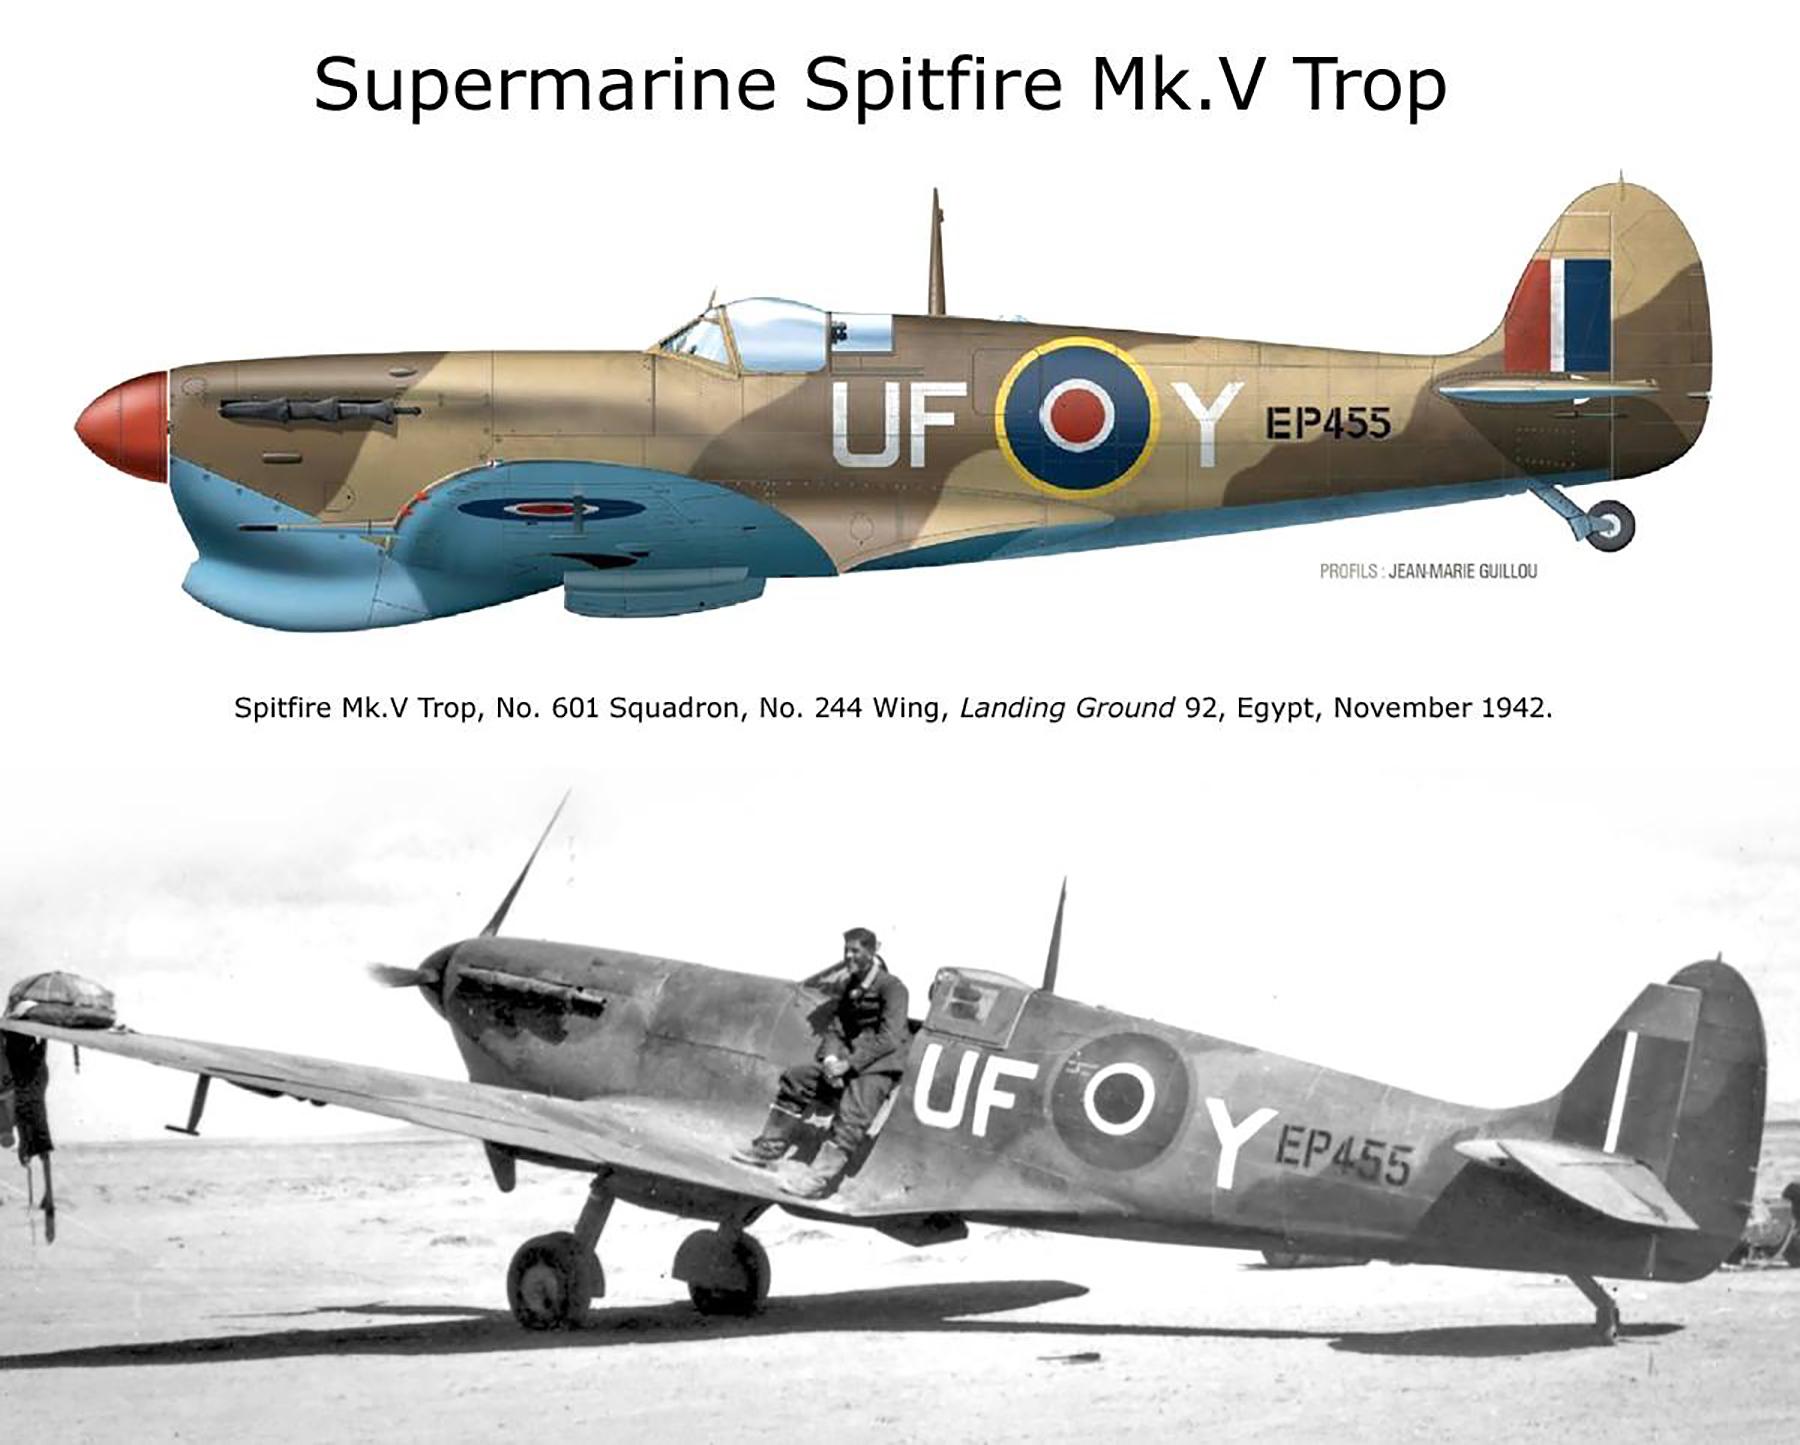 Spitfire MkVcTrop RAF 601Sqn UFY EP455 LG92 Egypt Nov 1942 01